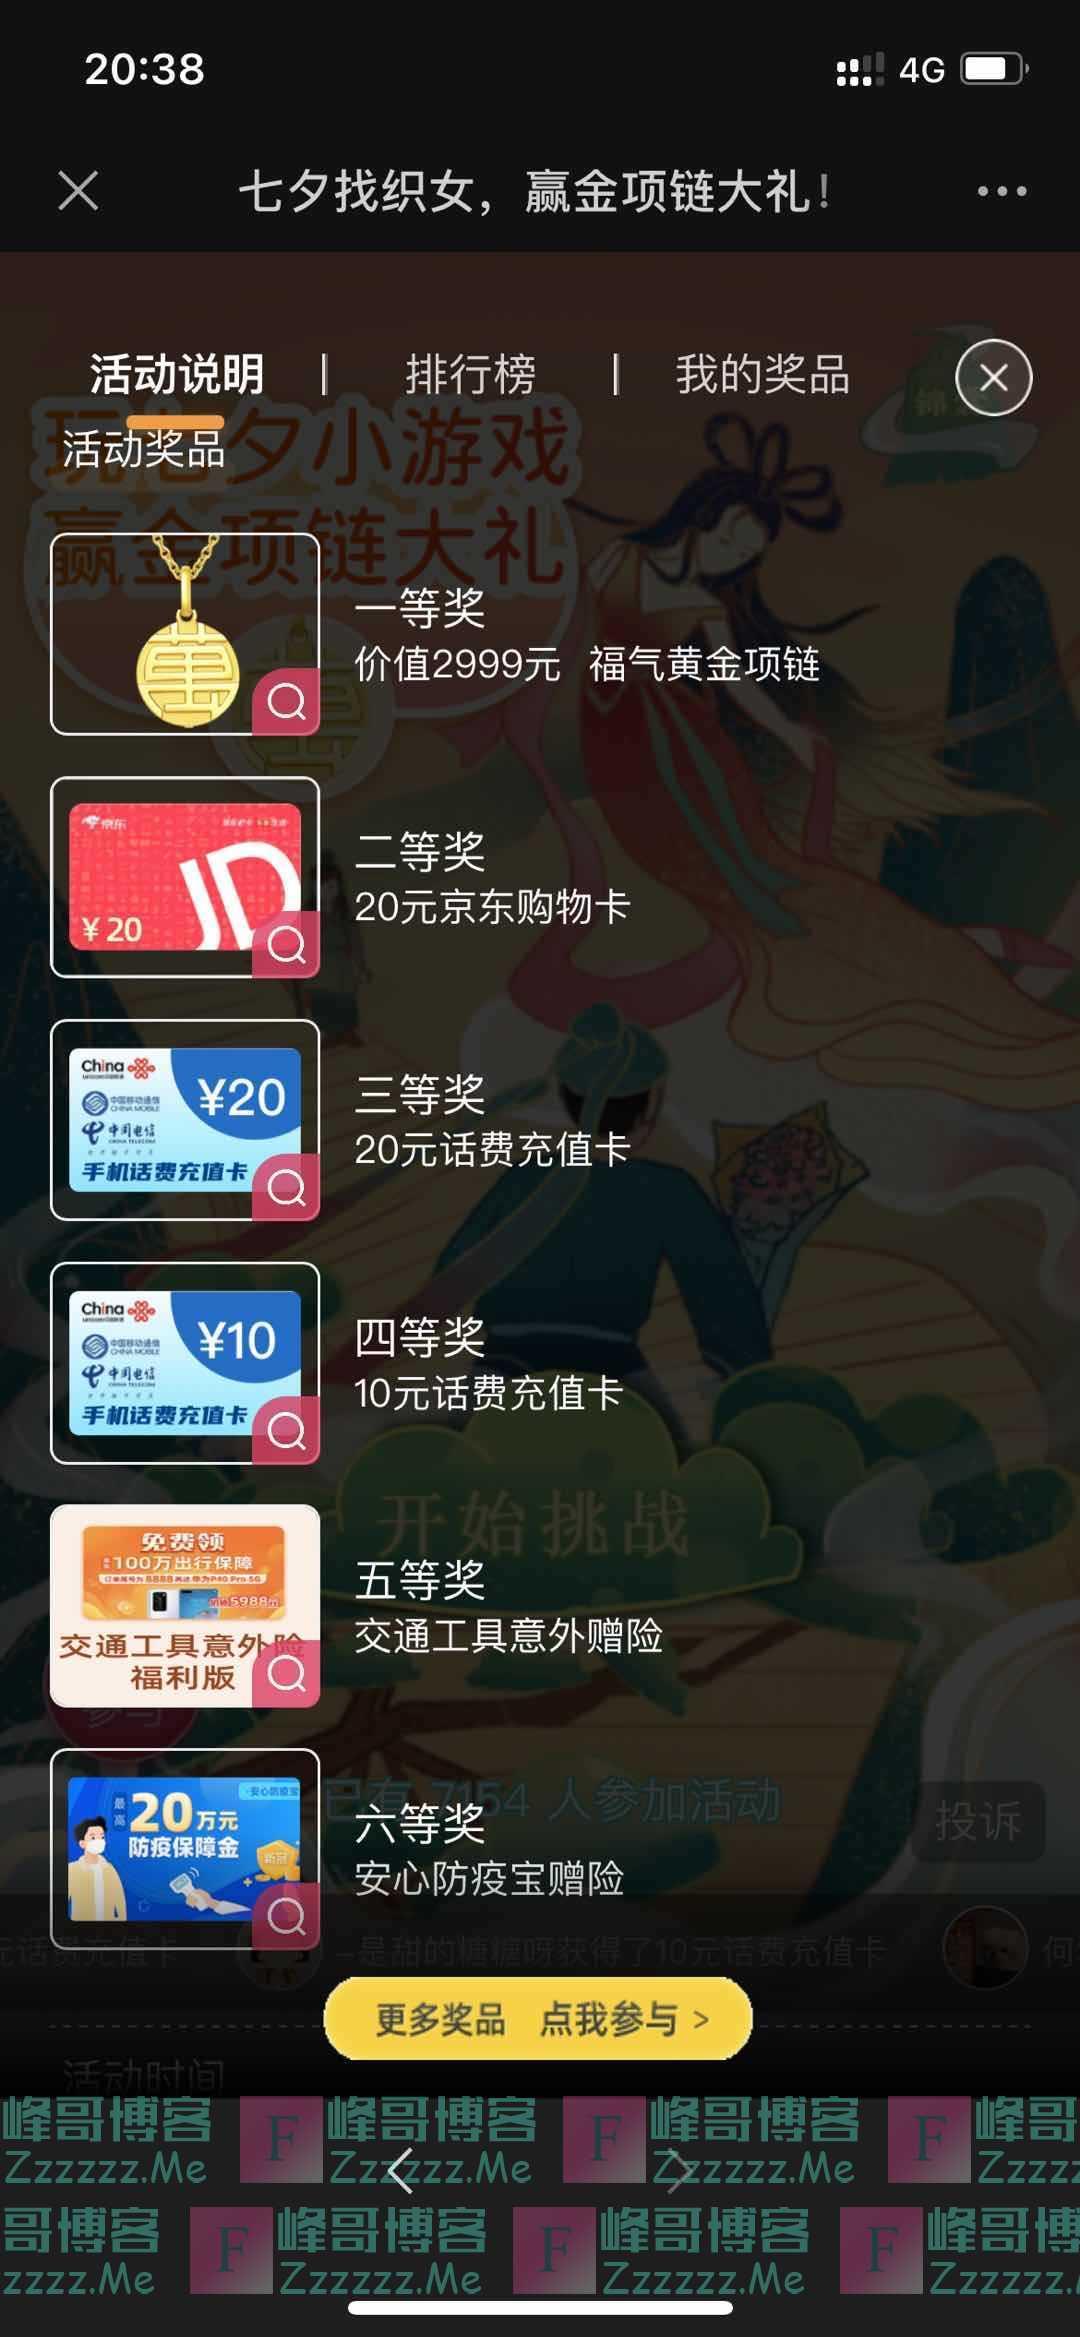 安心互联网保险七夕送礼:黄金项链、笔记本电脑...(8月19日截止)